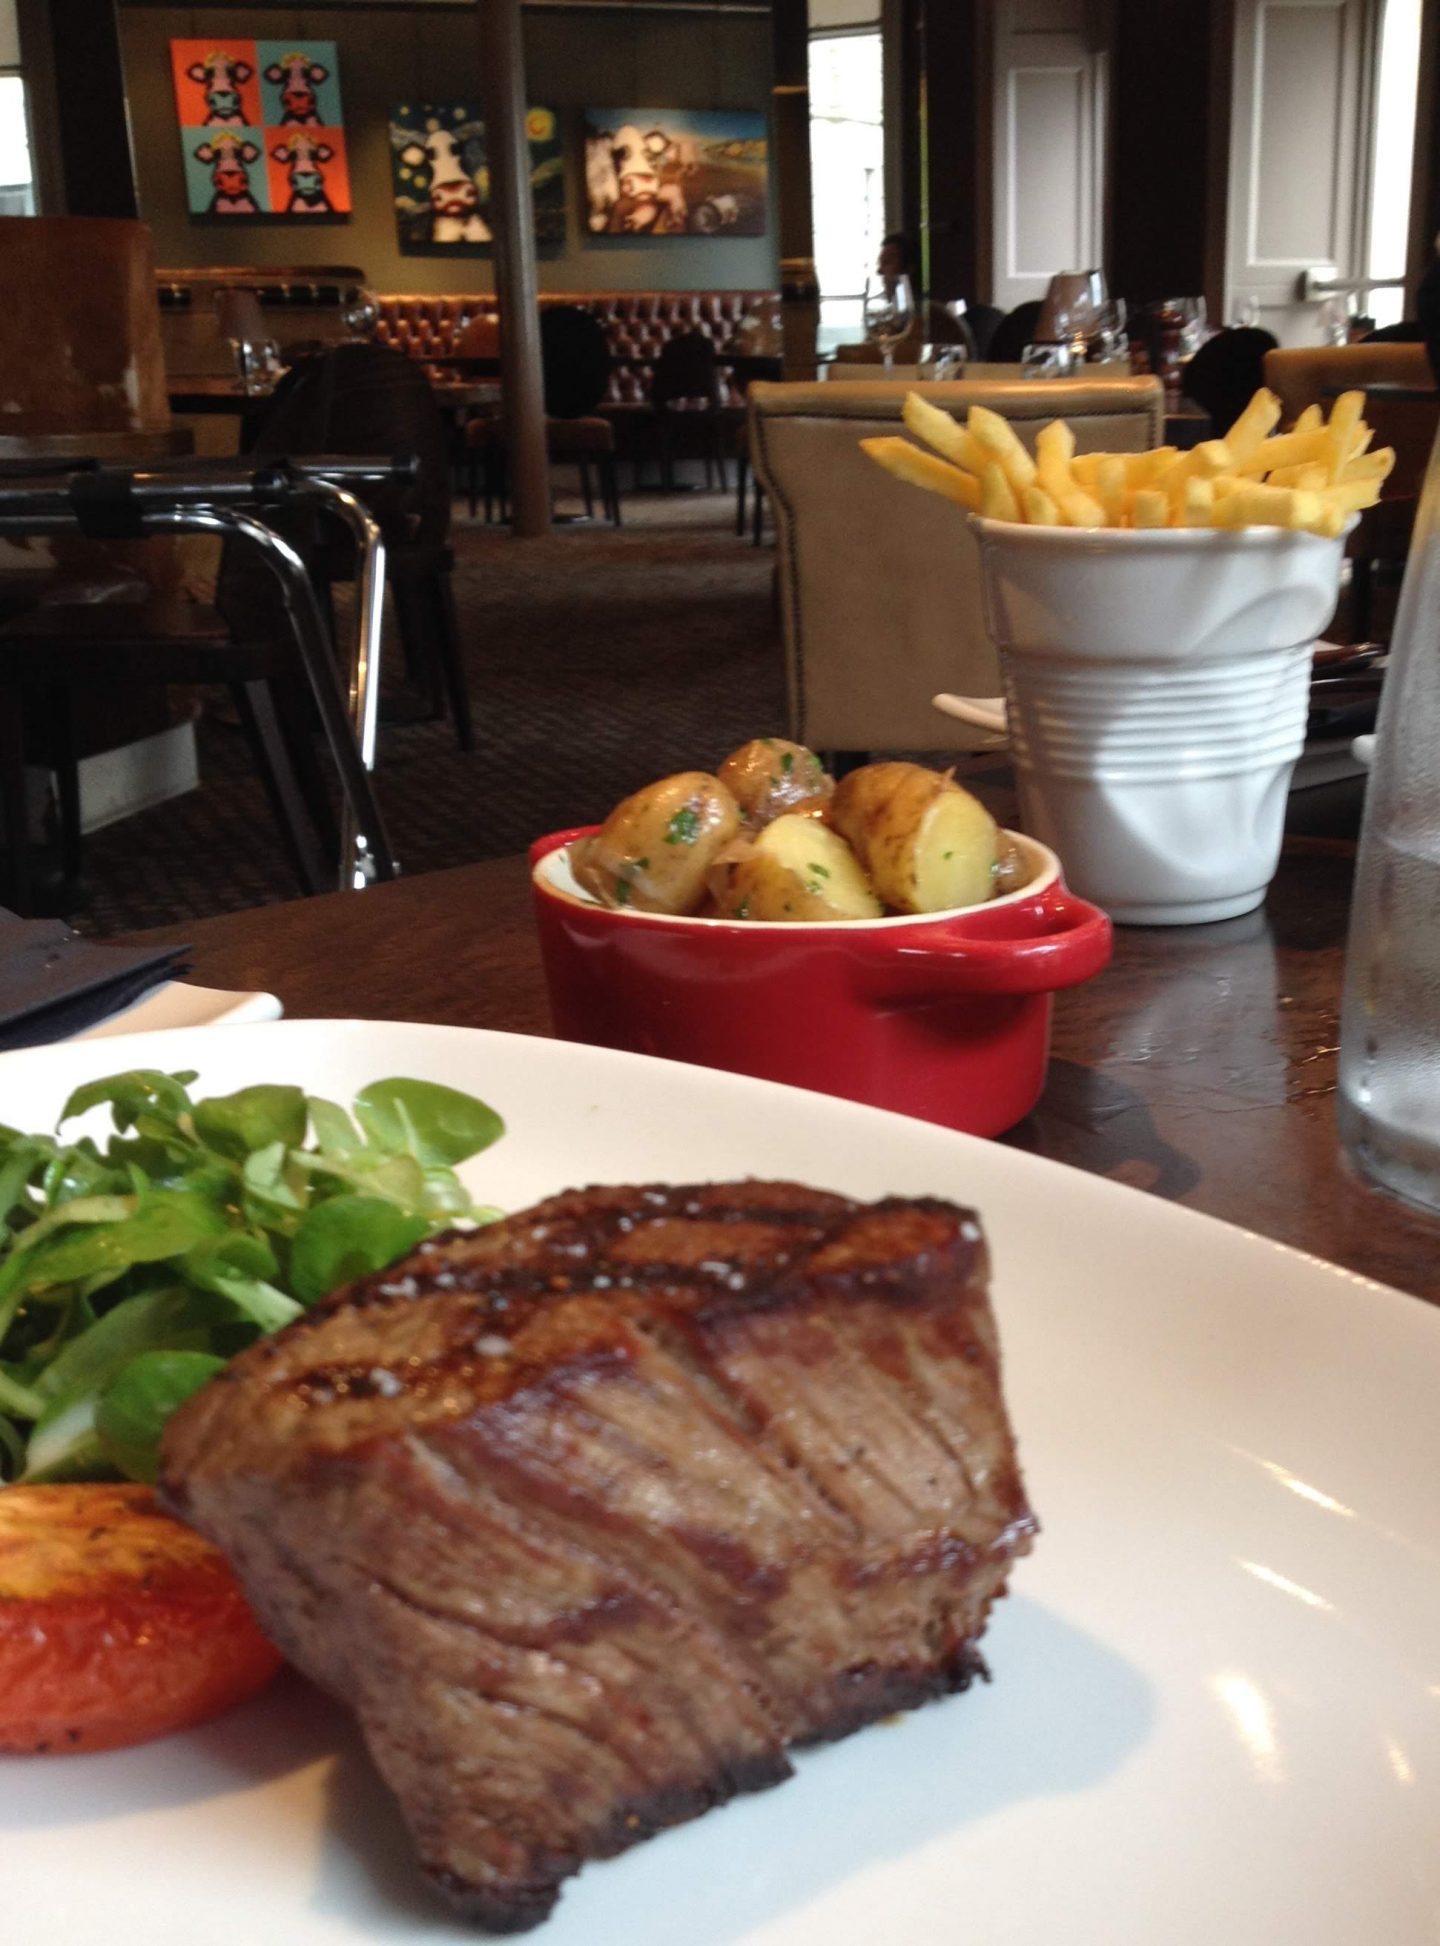 Fillet steak at Kyloe